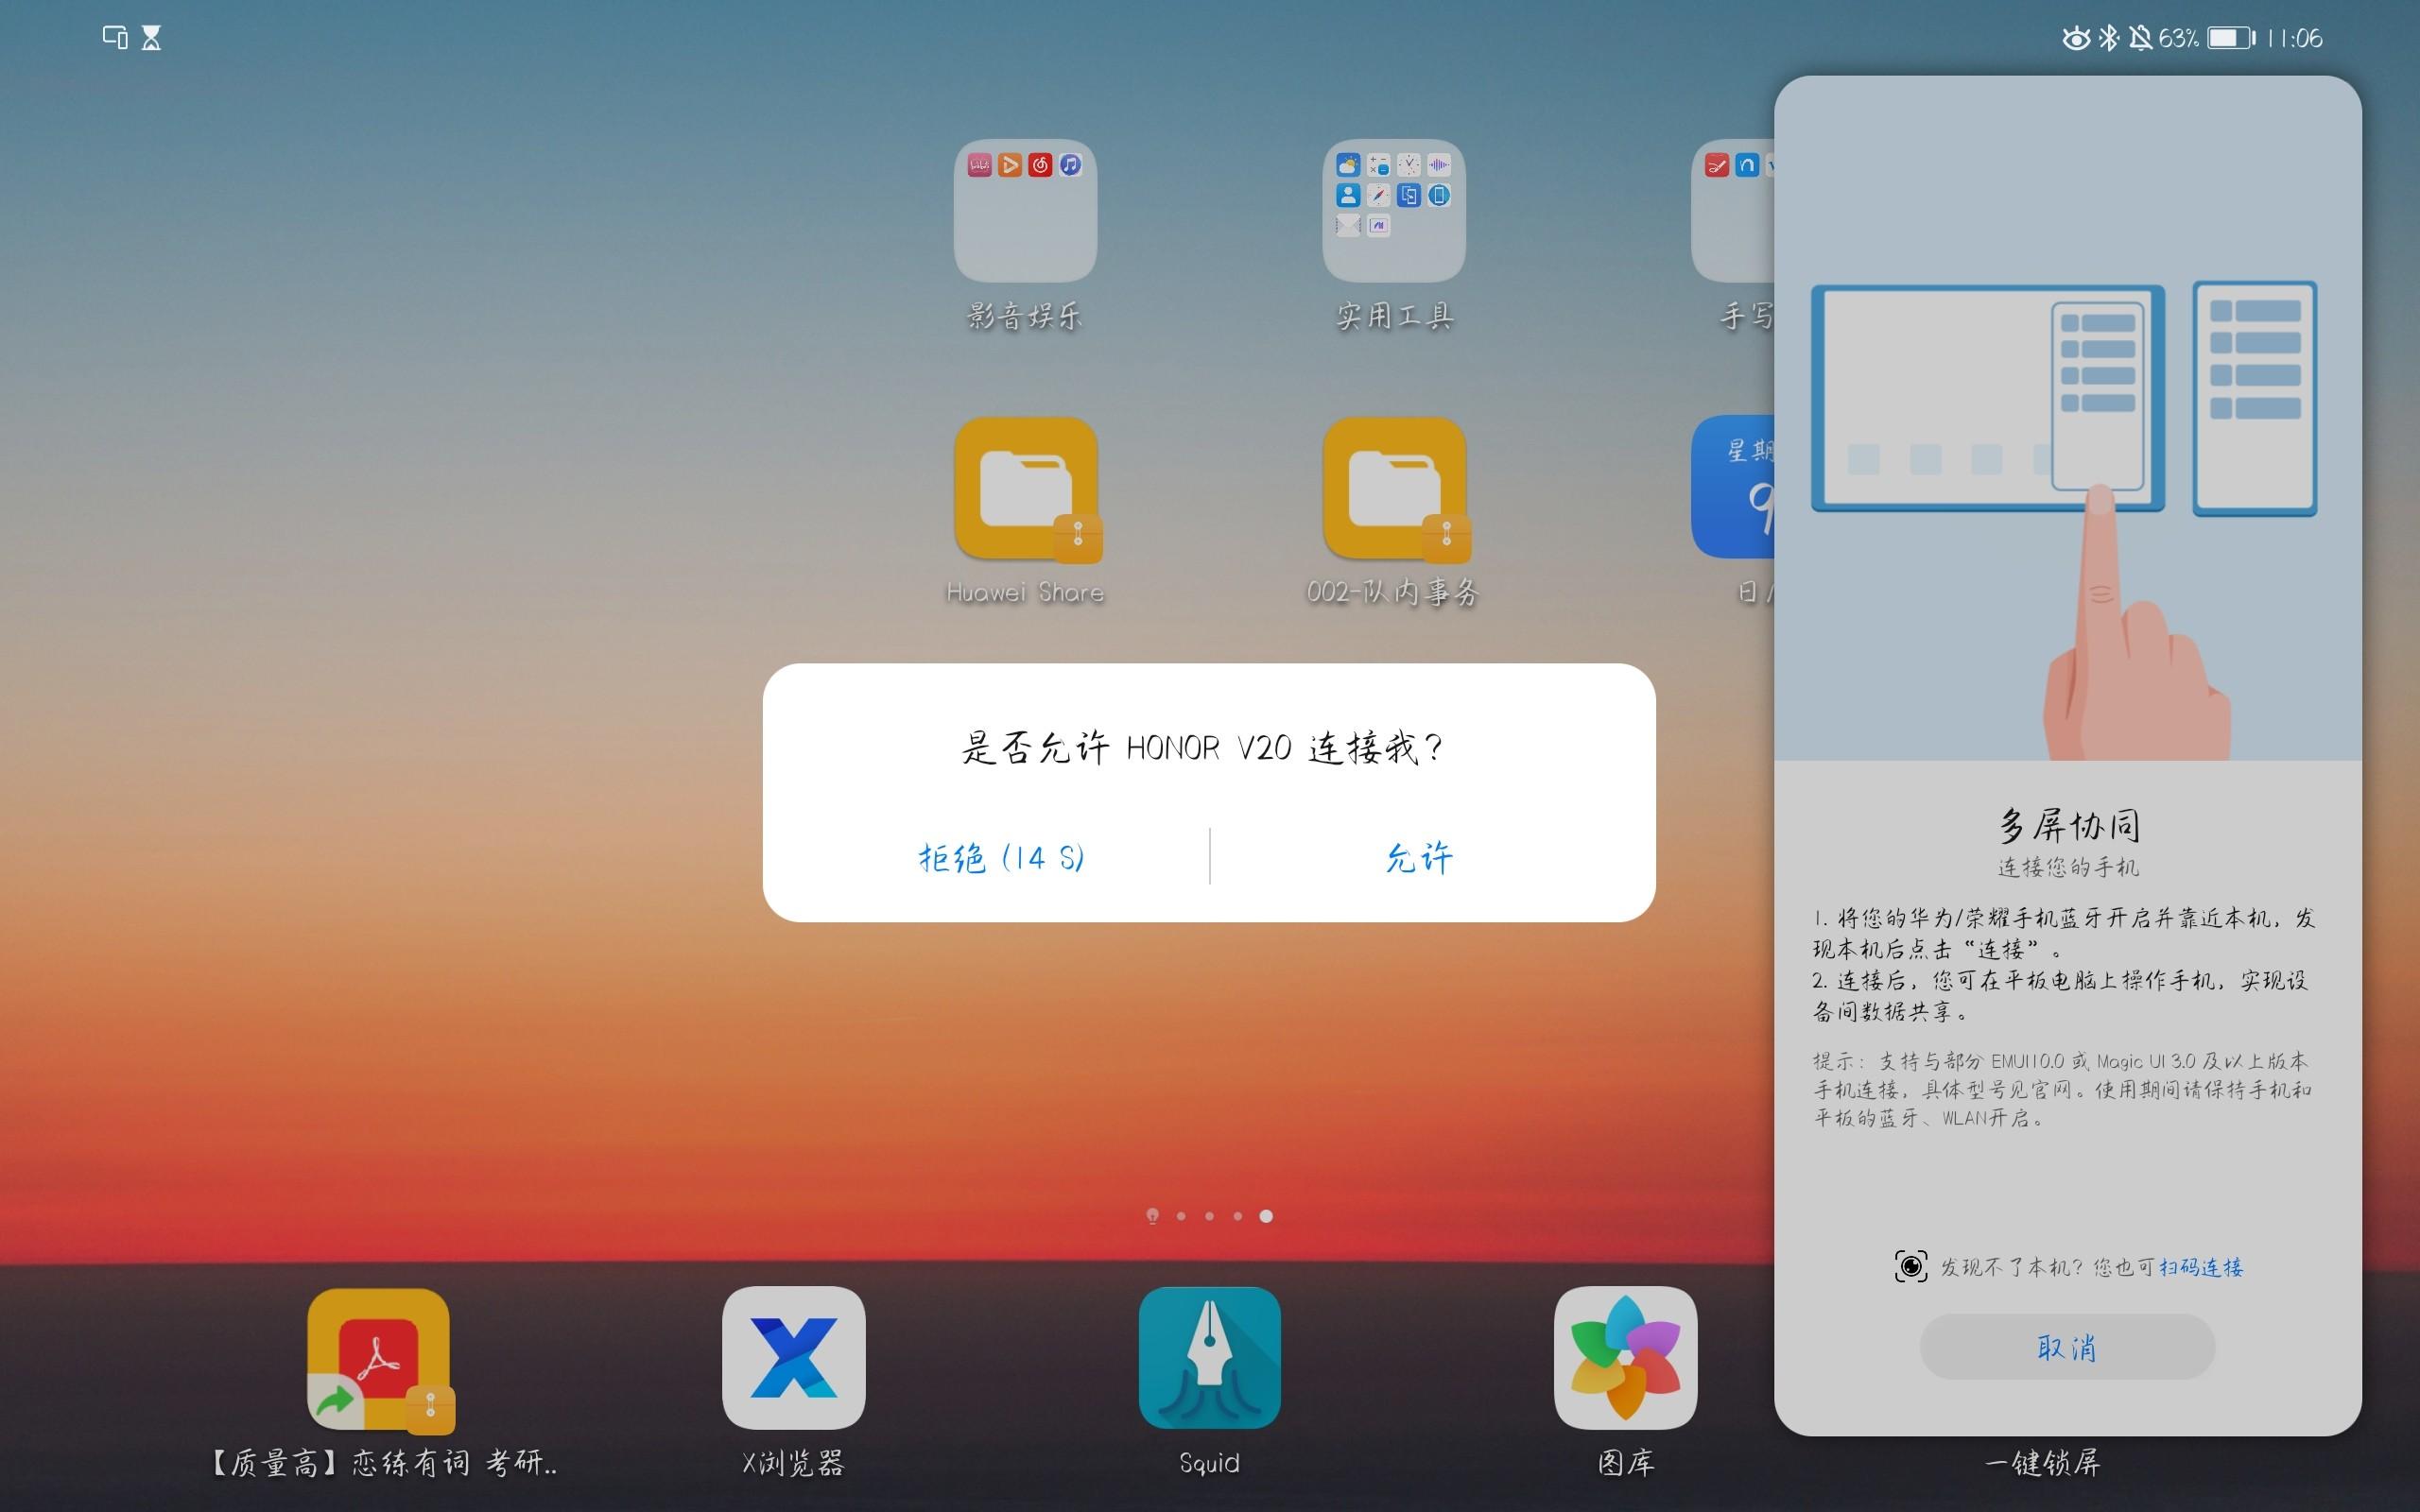 Screenshot_20200509_230624_com.huawei.android.launcher.jpg